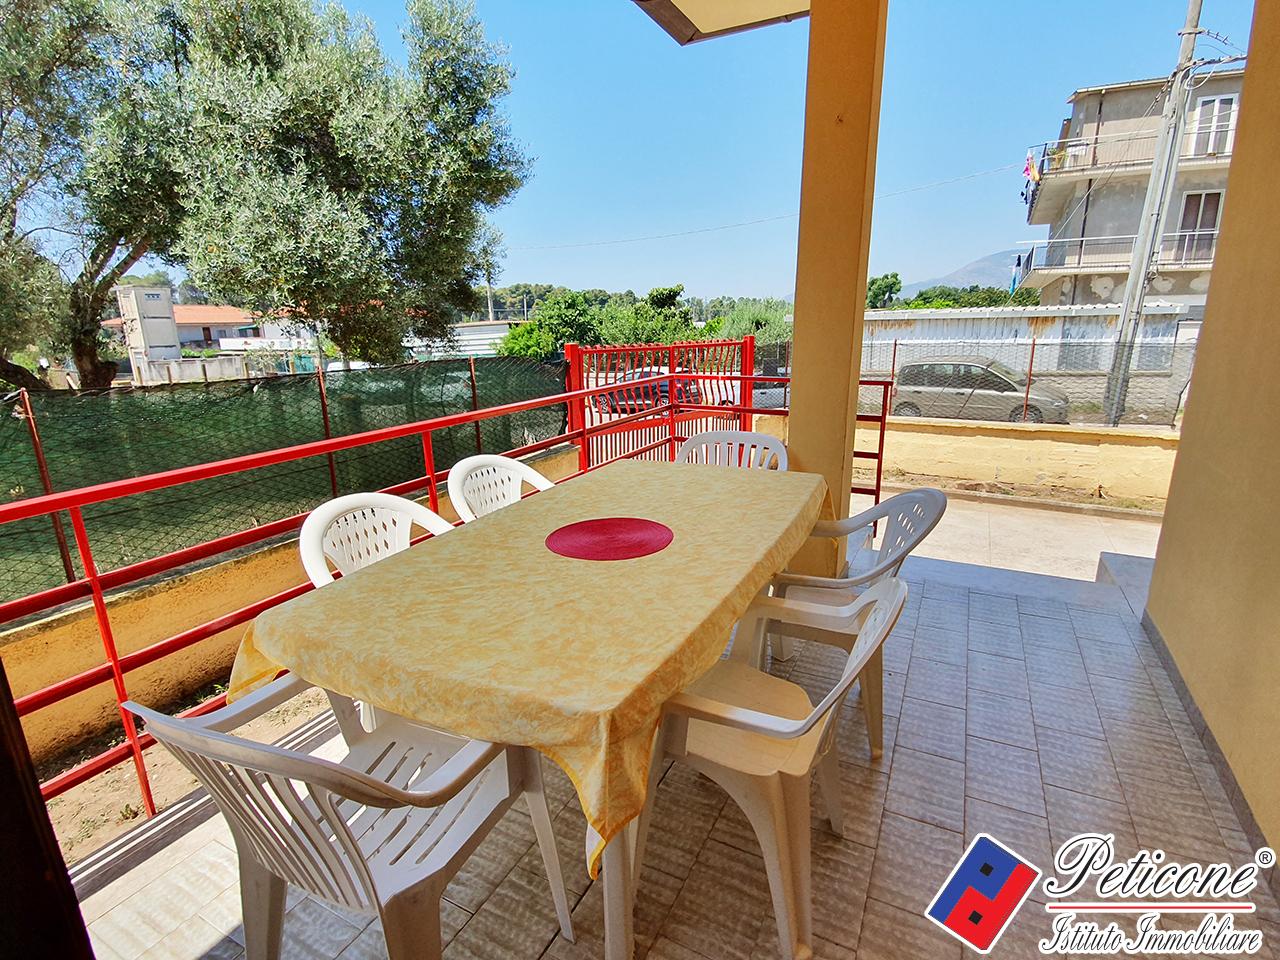 Villa in affitto a Fondi, 4 locali, zona Località: MarinadiFondi, Trattative riservate | PortaleAgenzieImmobiliari.it